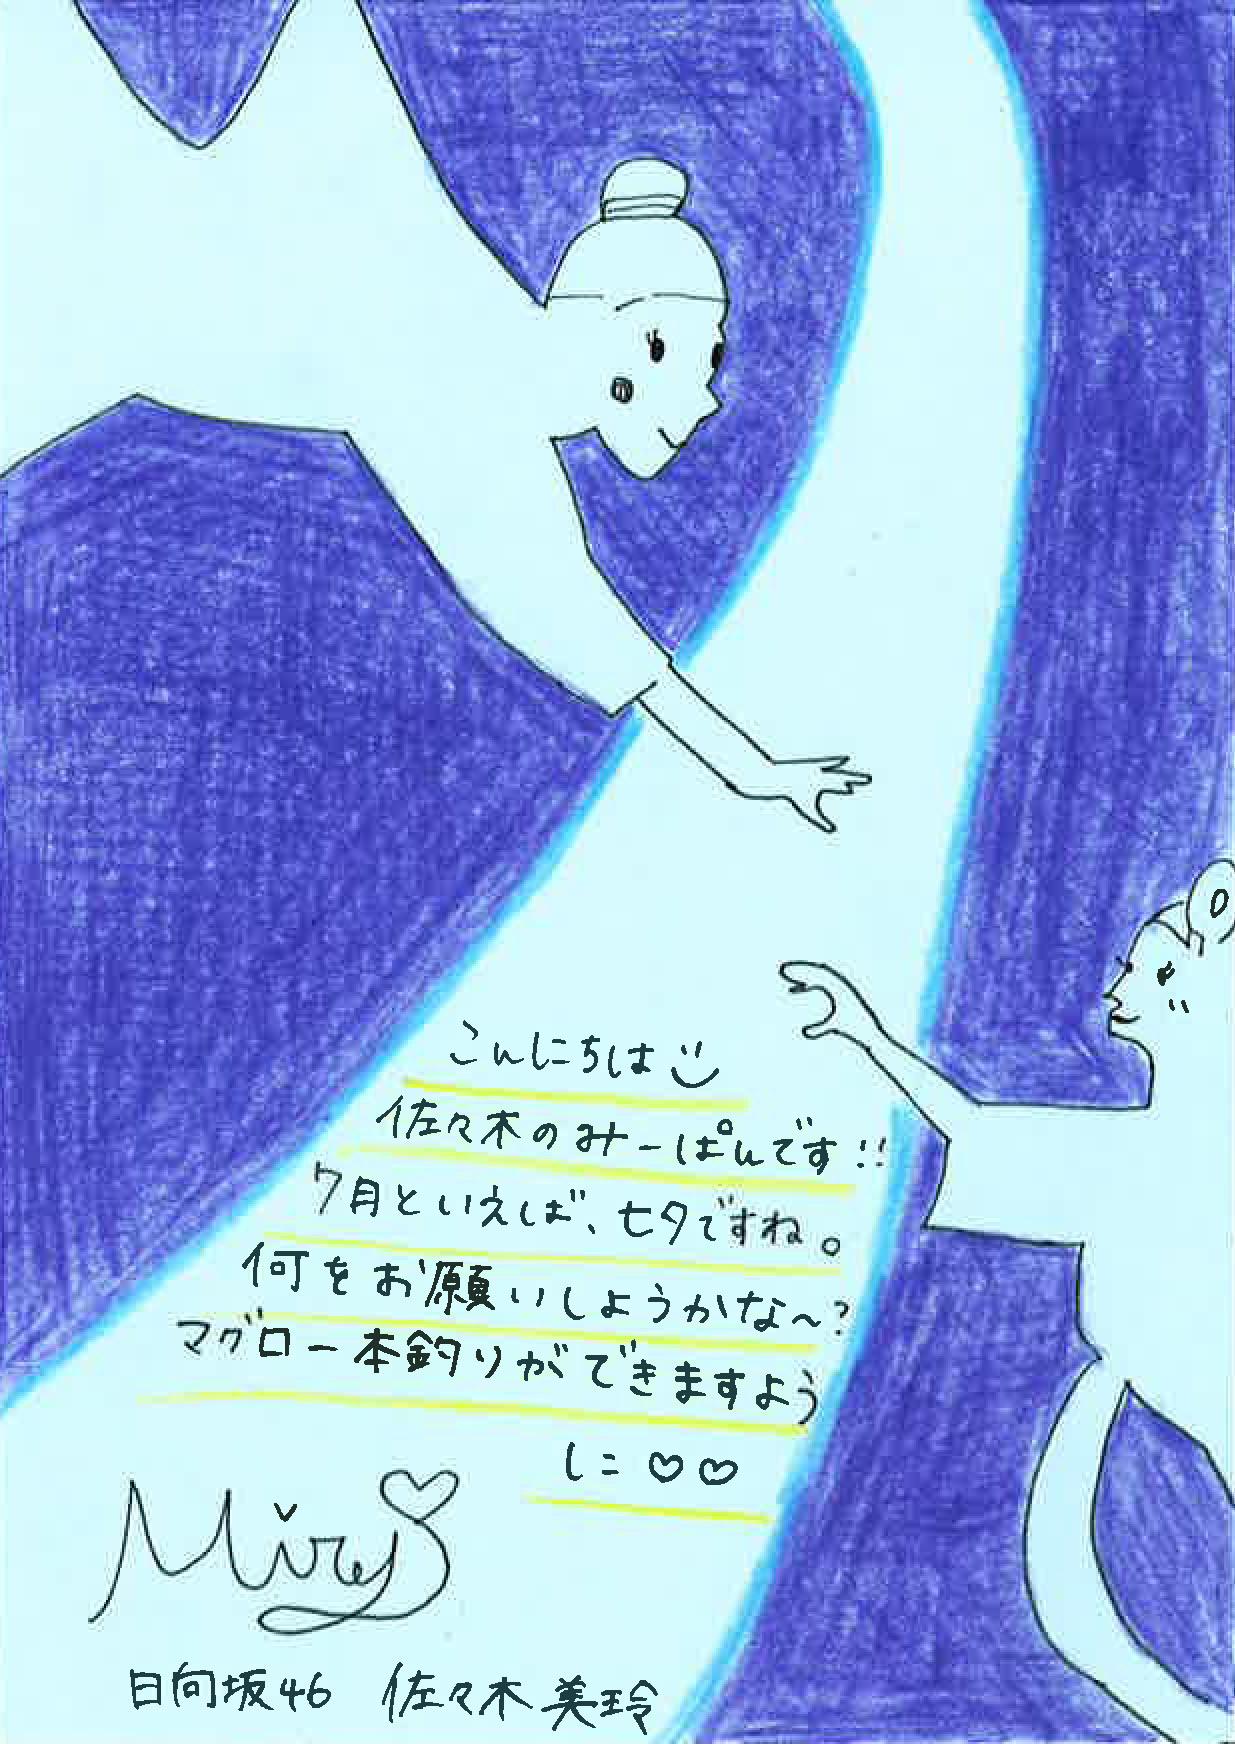 【日向坂46】佐々木美玲応援スレ★18【みーぱん】 YouTube動画>4本 ->画像>513枚